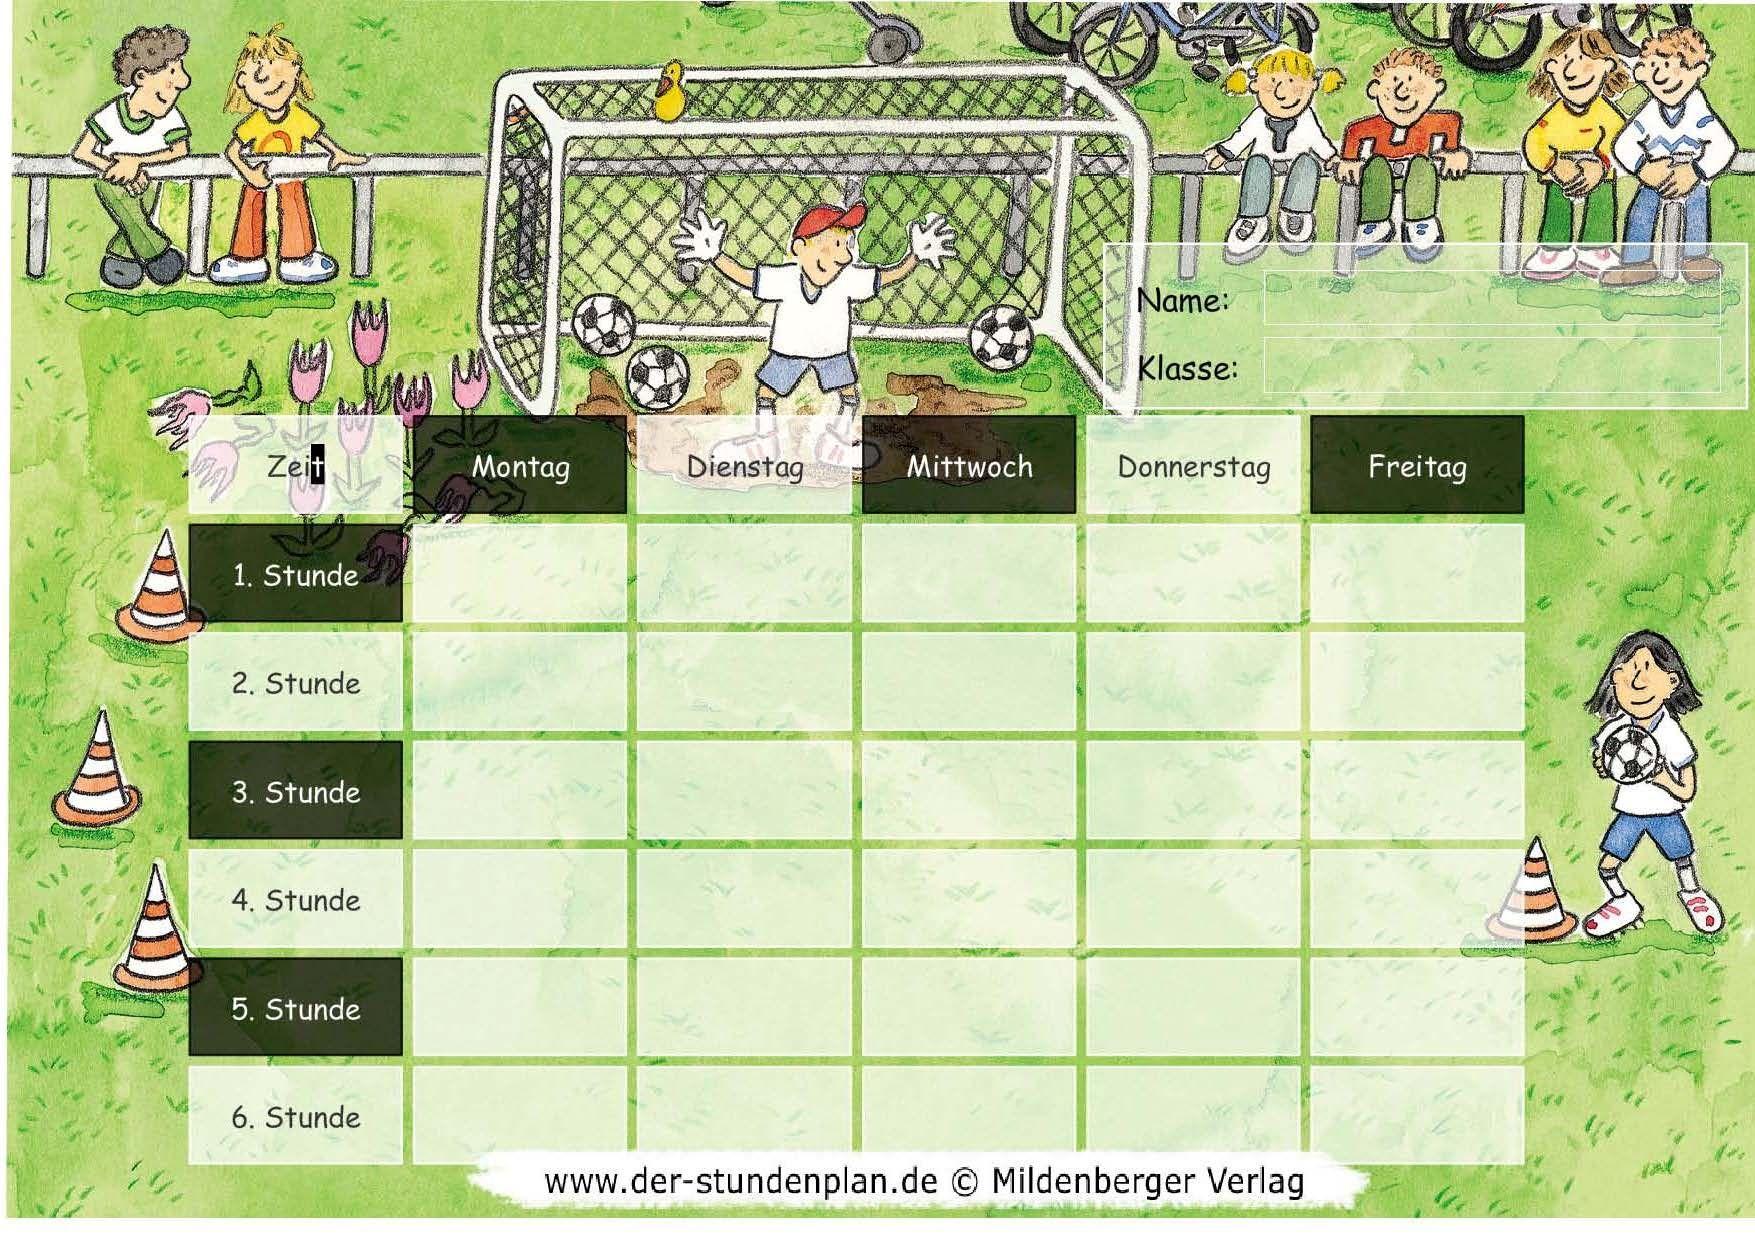 Stundenplan-Vorlage Fußball | Fussball | Pinterest | Stundenplan ...